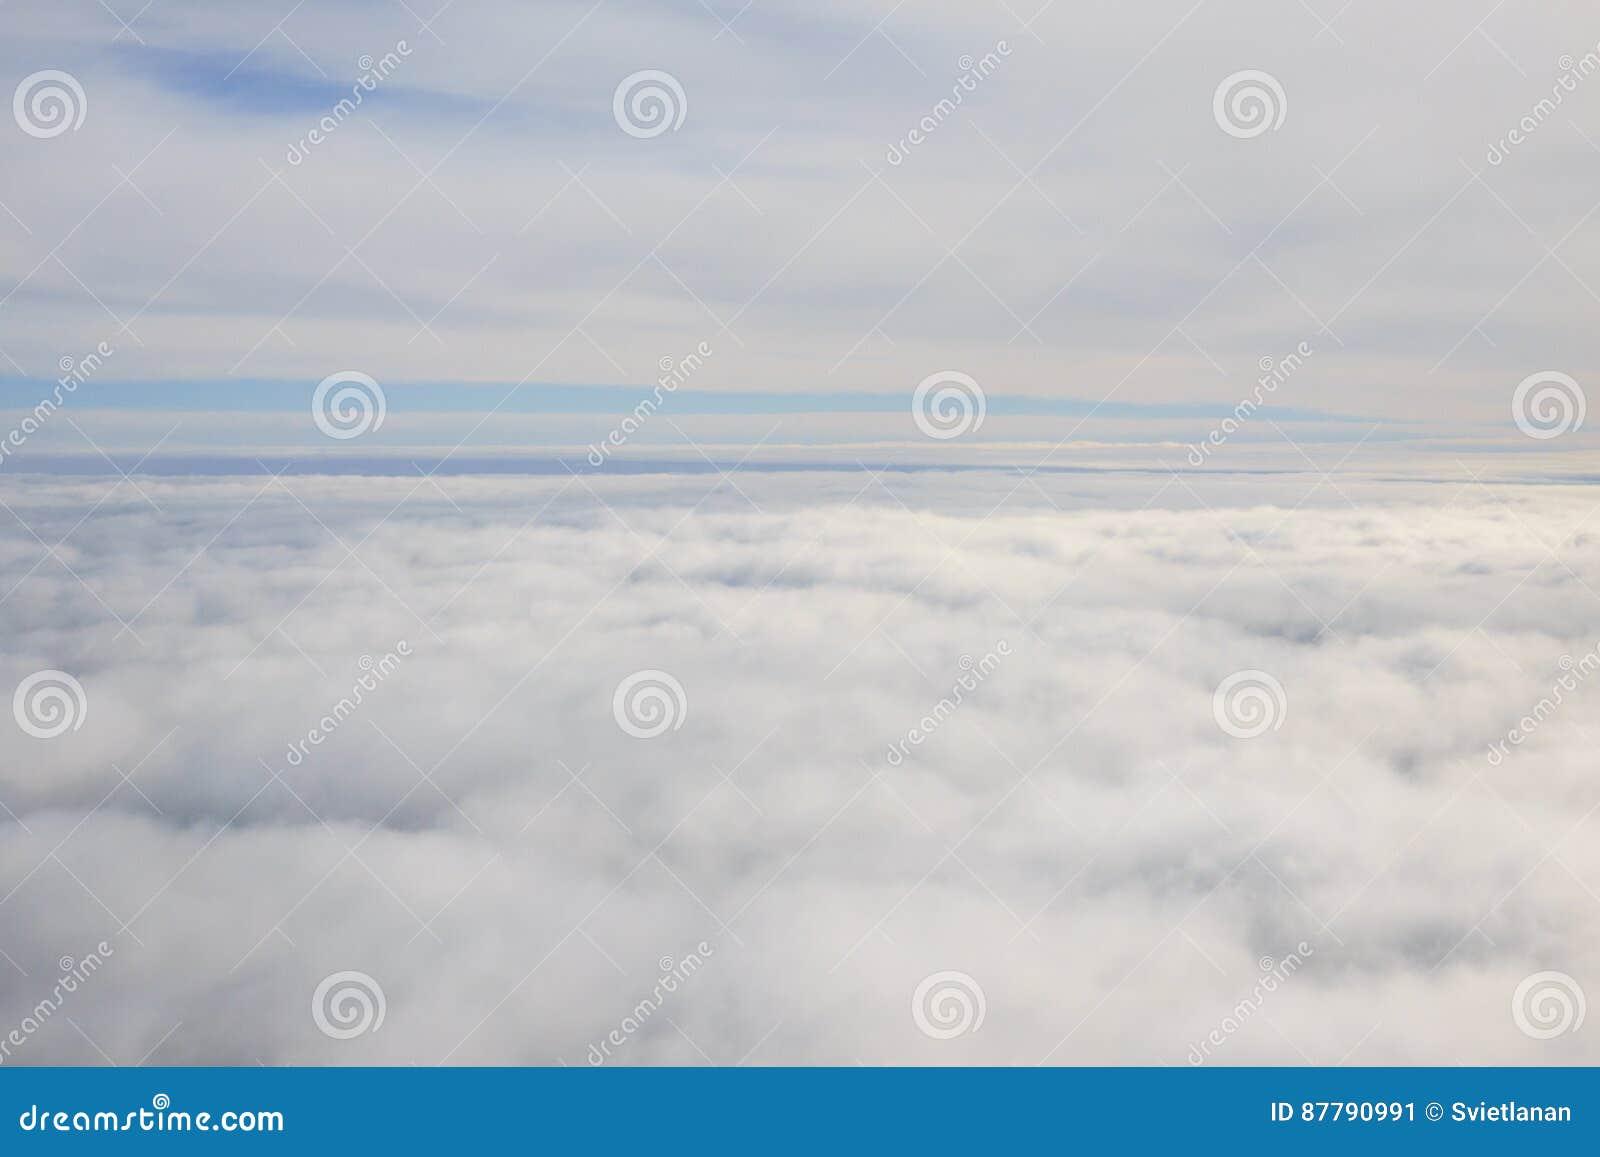 在云彩层数之间